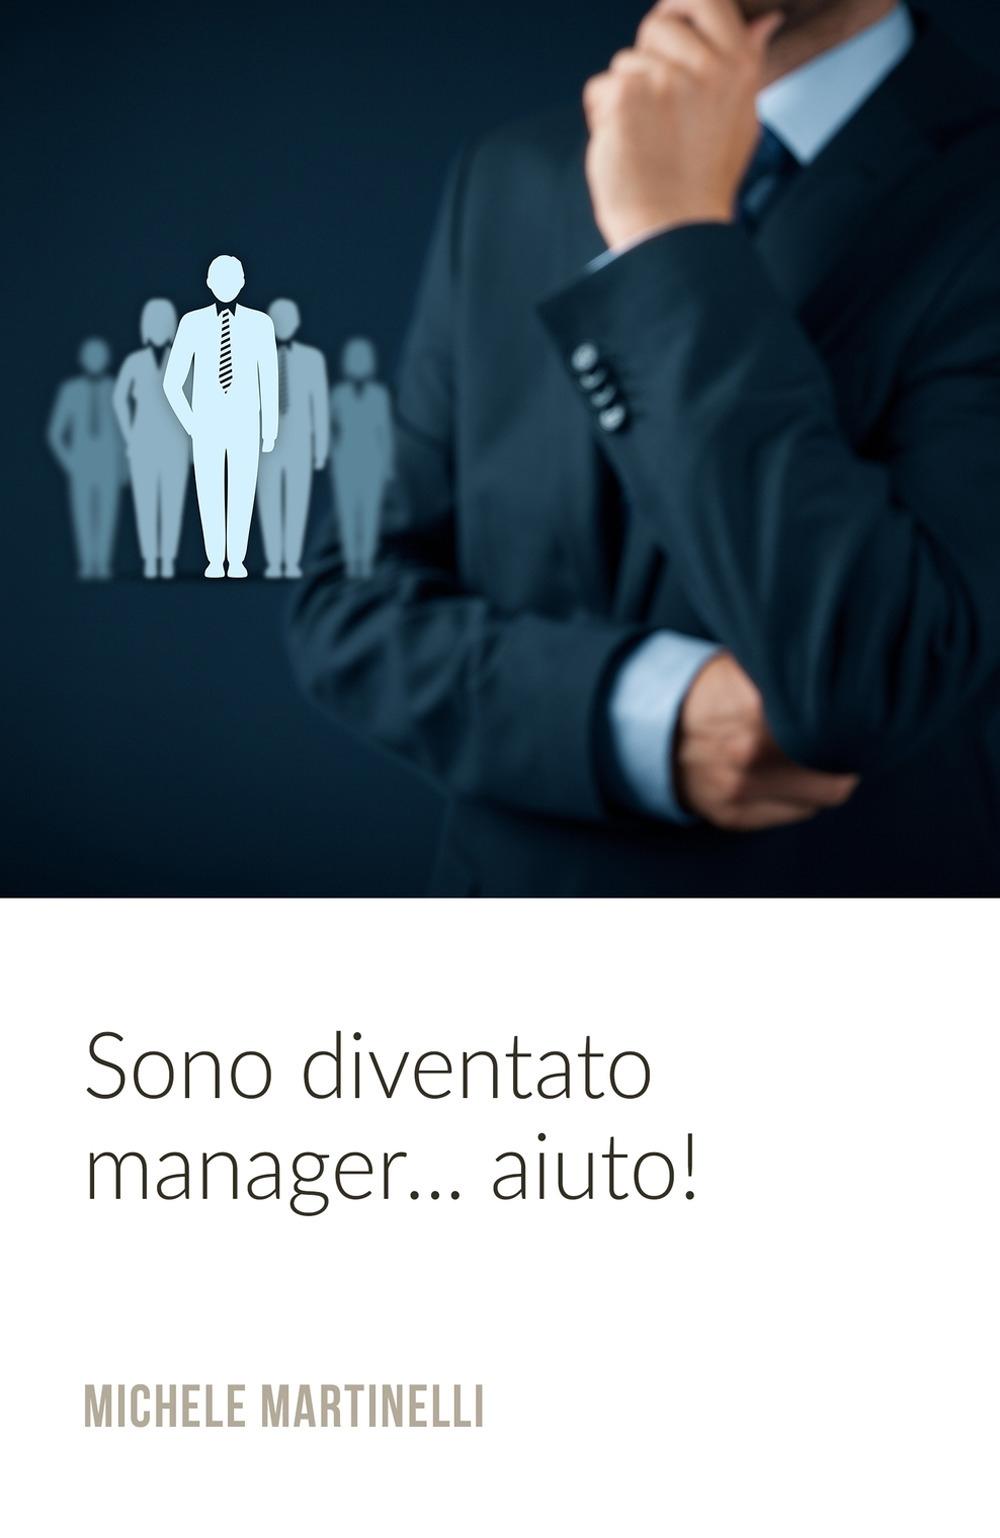 Sono diventato manager... aiuto!